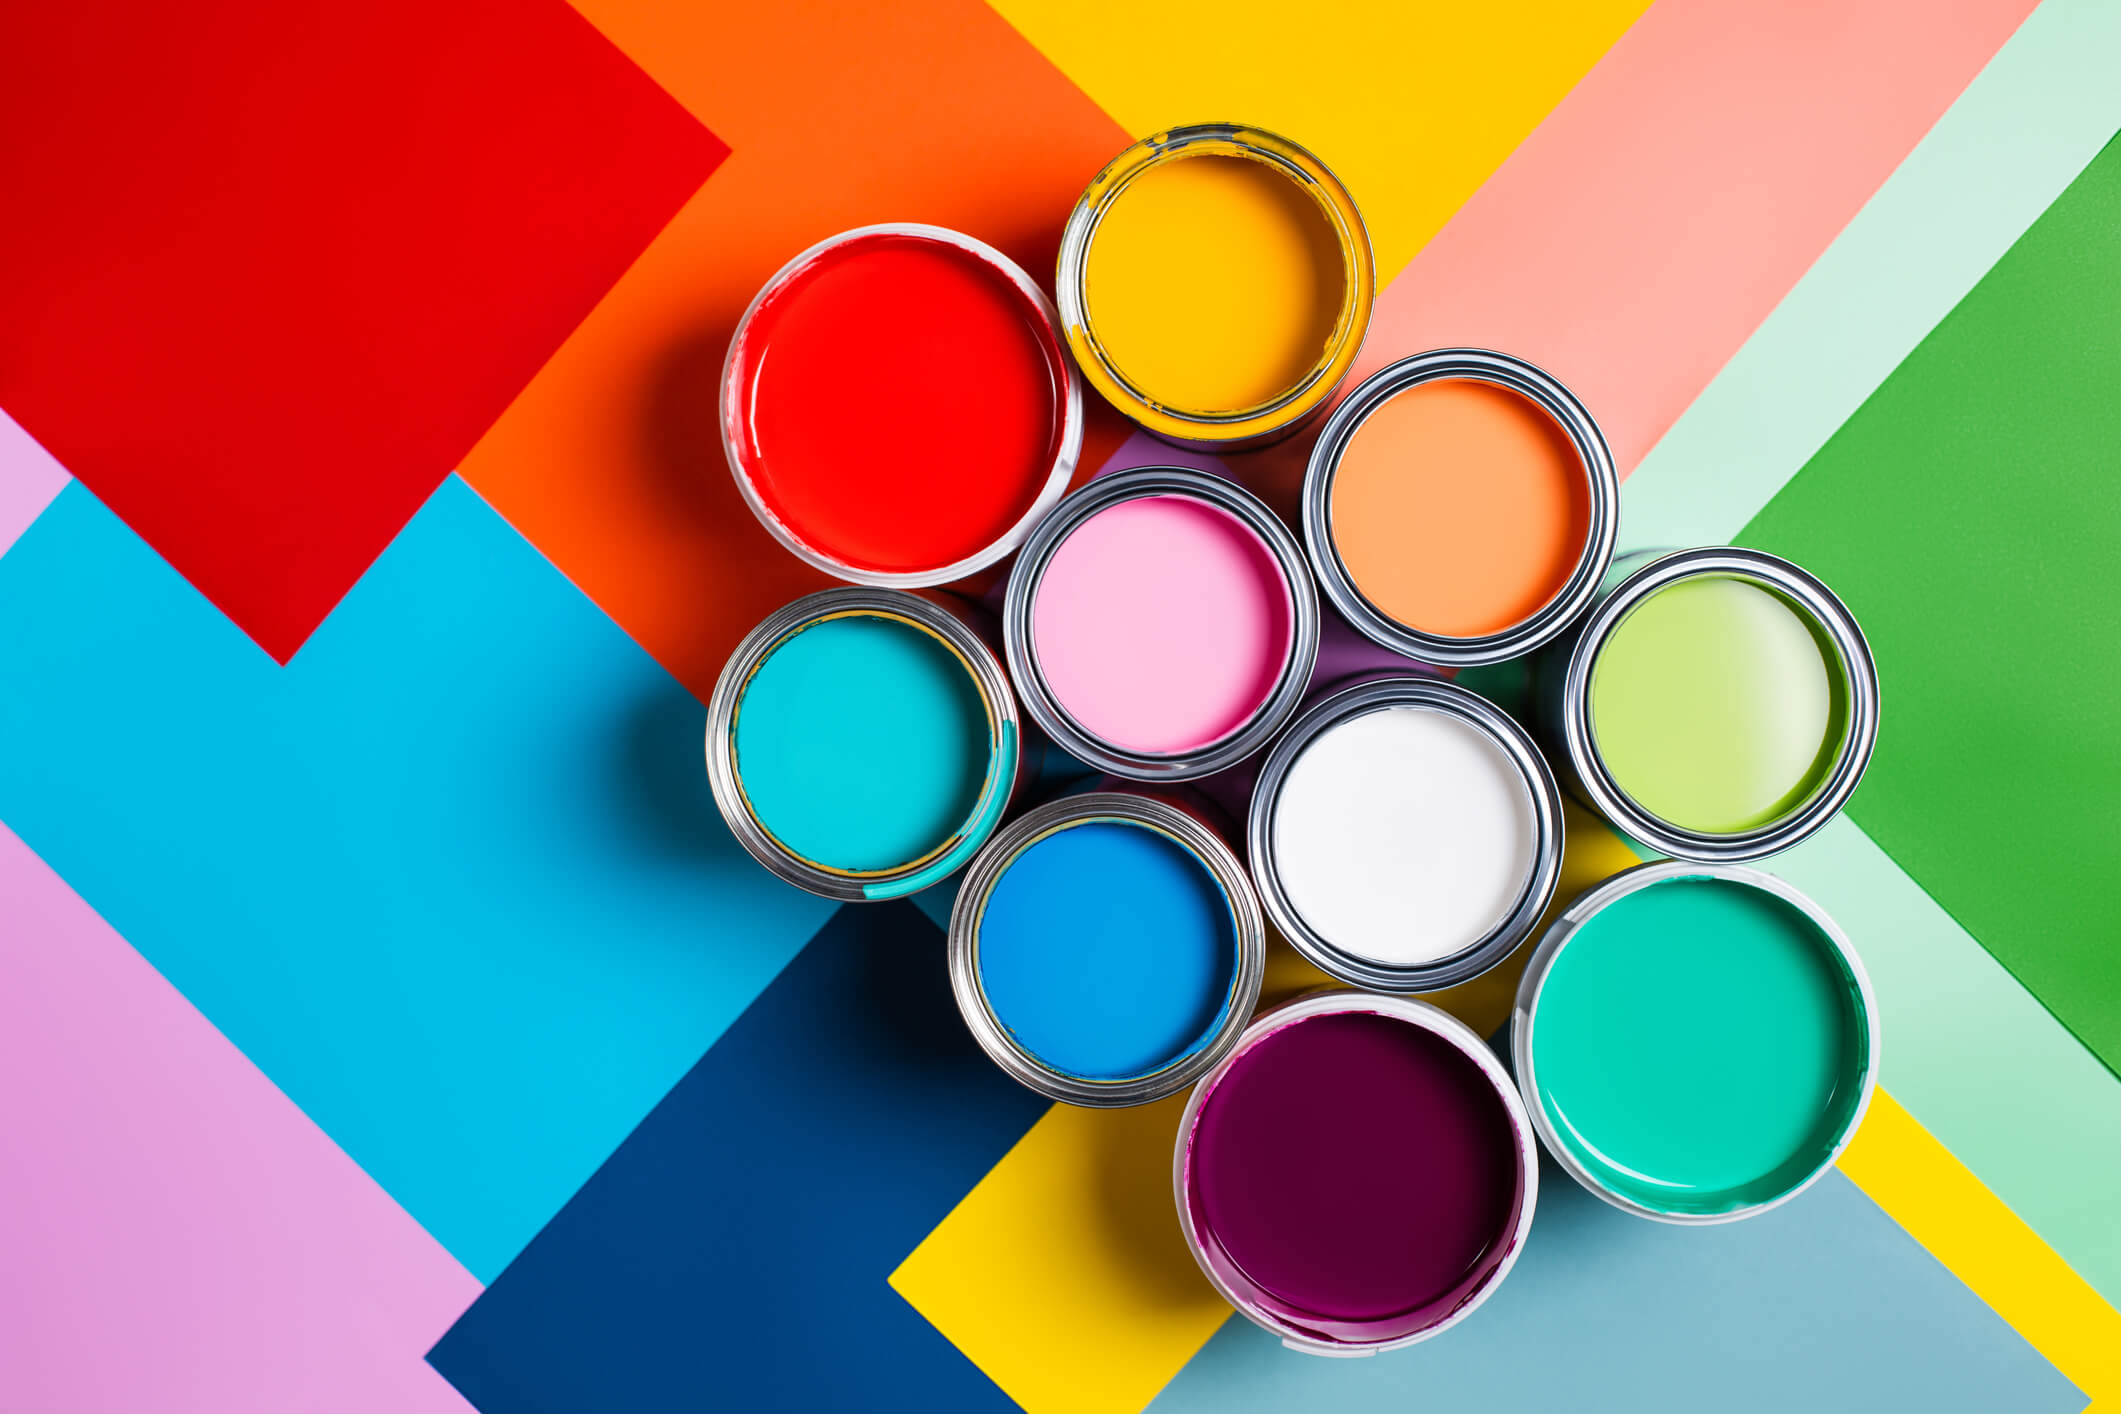 Kolorowy zawrót głowy. Te strony pomogą Ci dobrać odpowiednie barwy dla grafiki